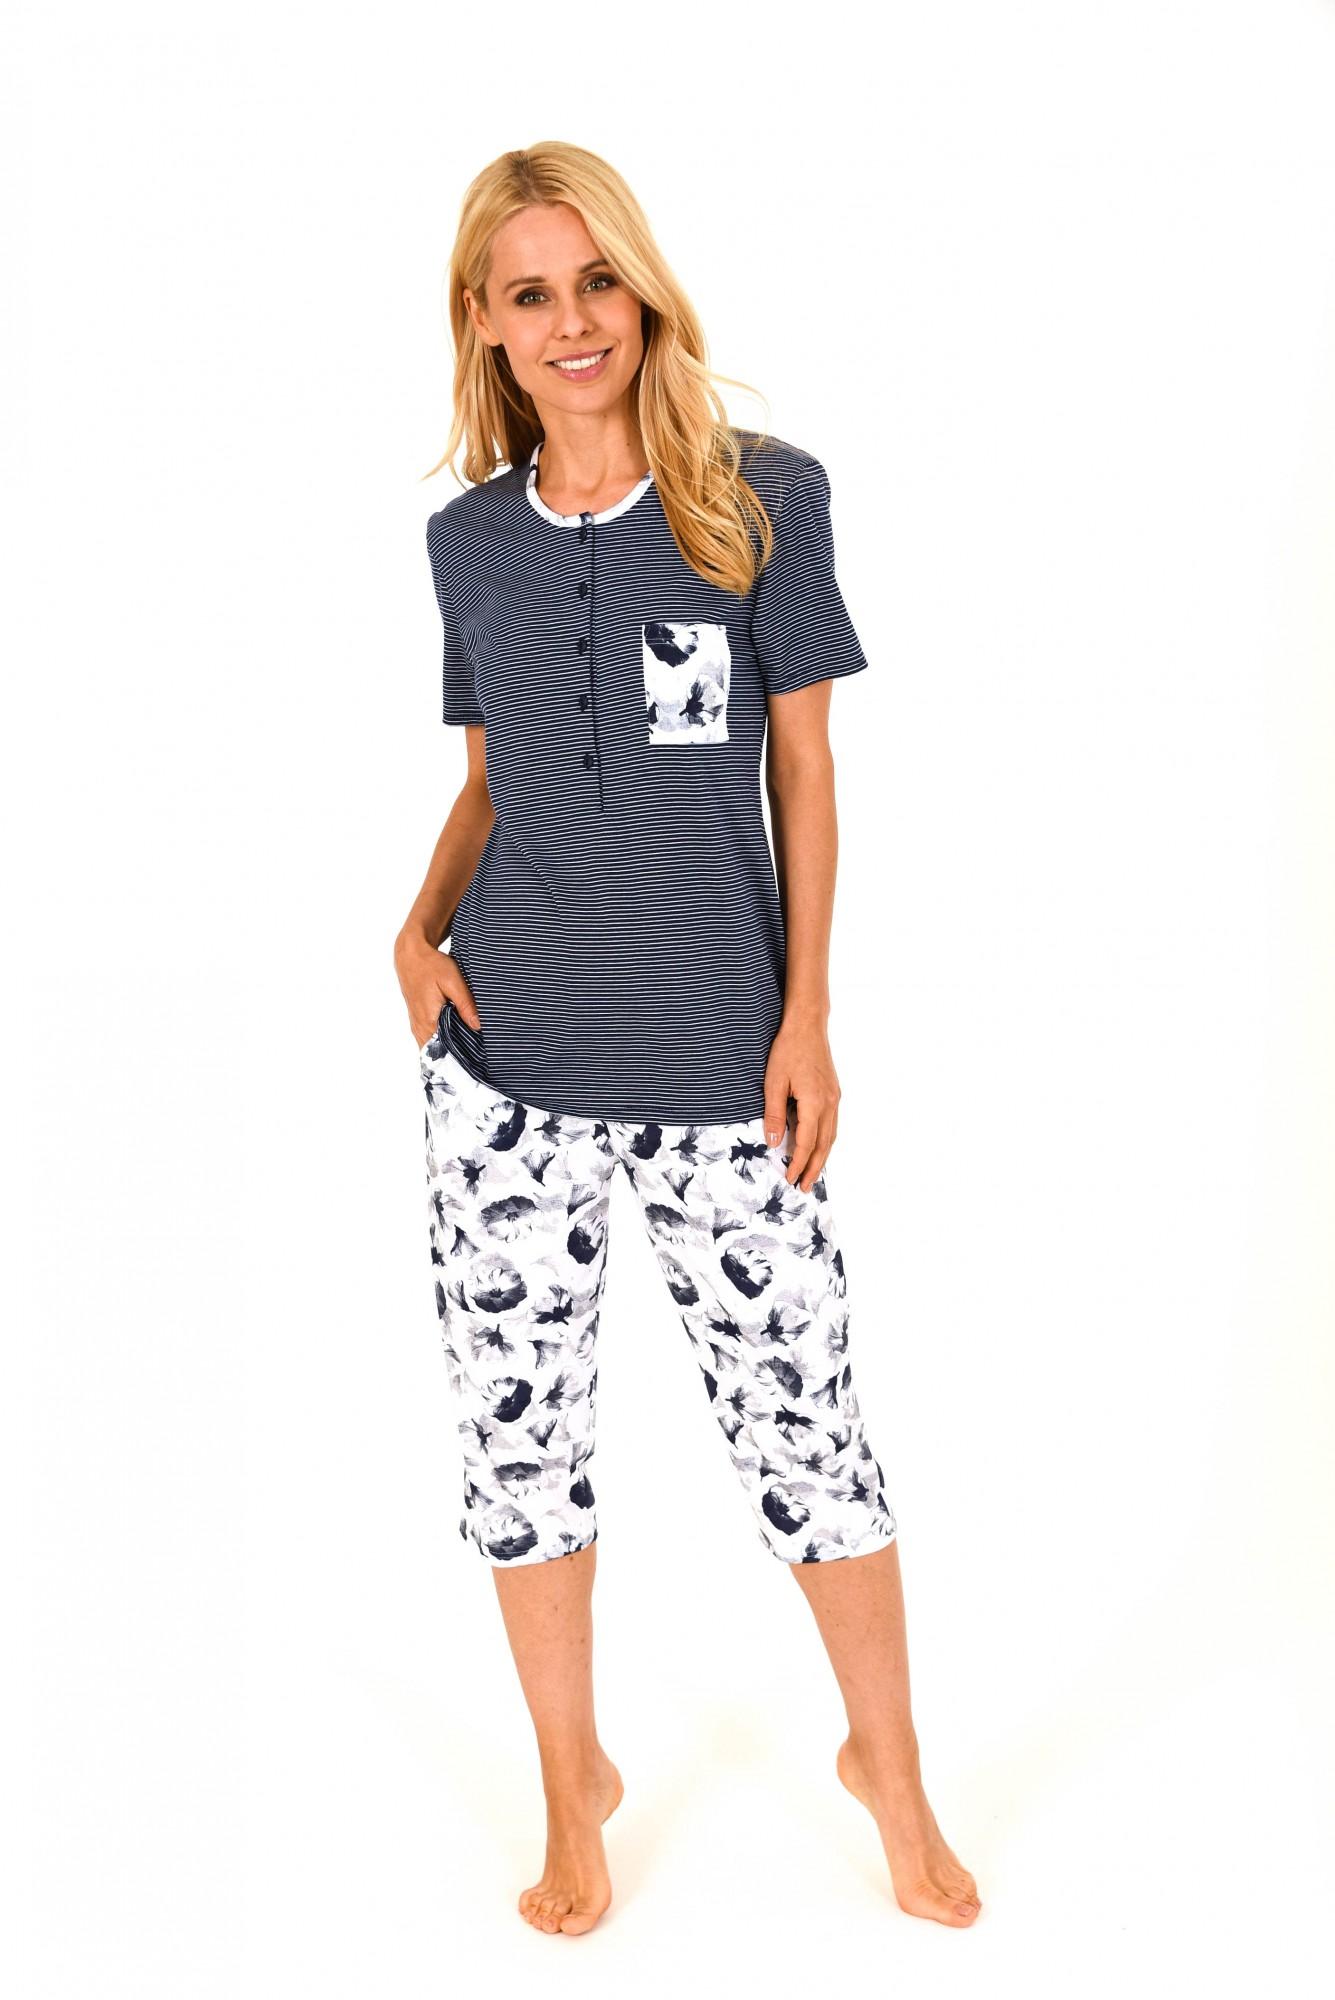 Damen Capri Pyjama kurzarm – tolle Optik – 60756 – Bild 1